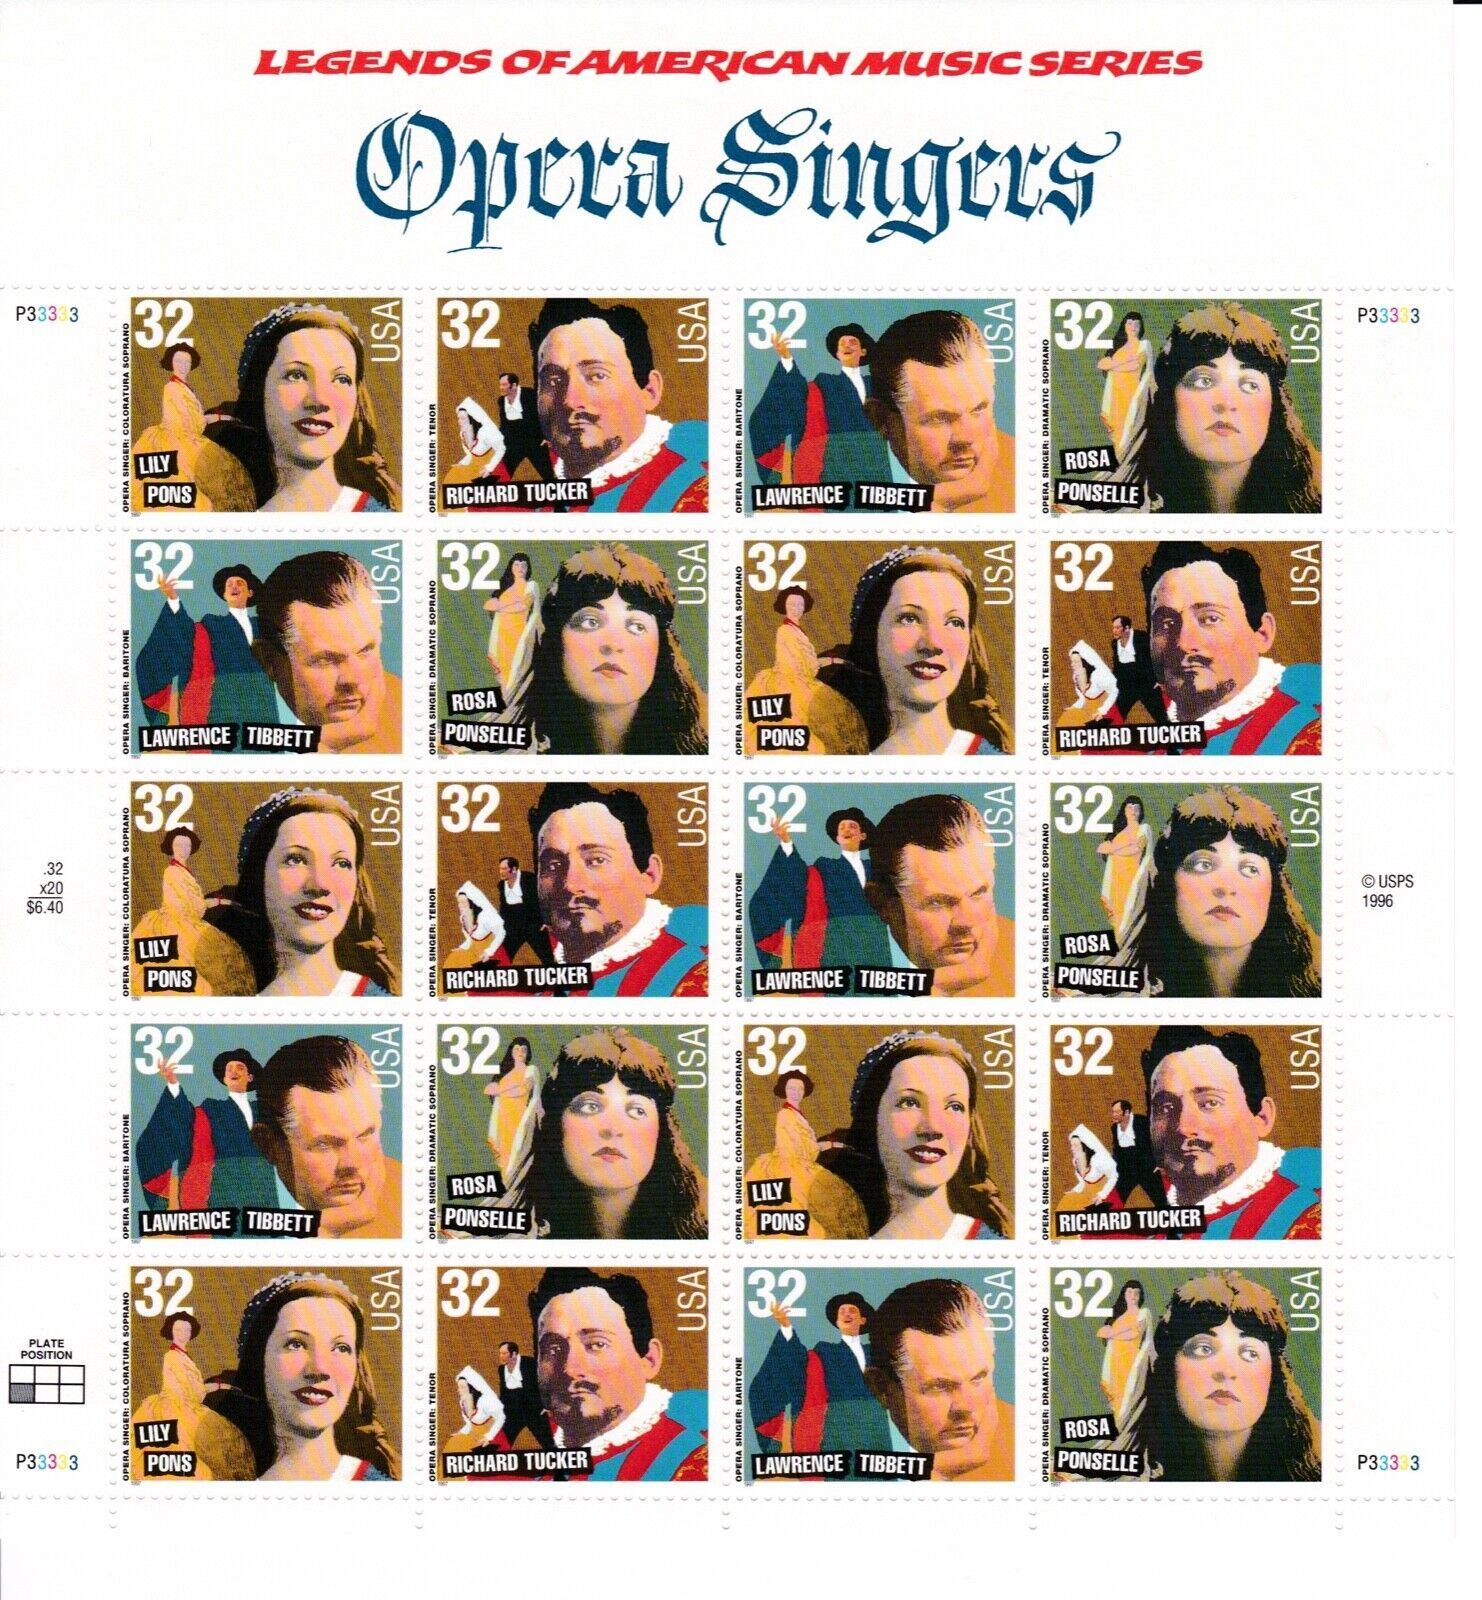 Scott 3154-3157 - US Sheet Of 20 - OPERA SINGERS - MNH - 1997 - $9.00